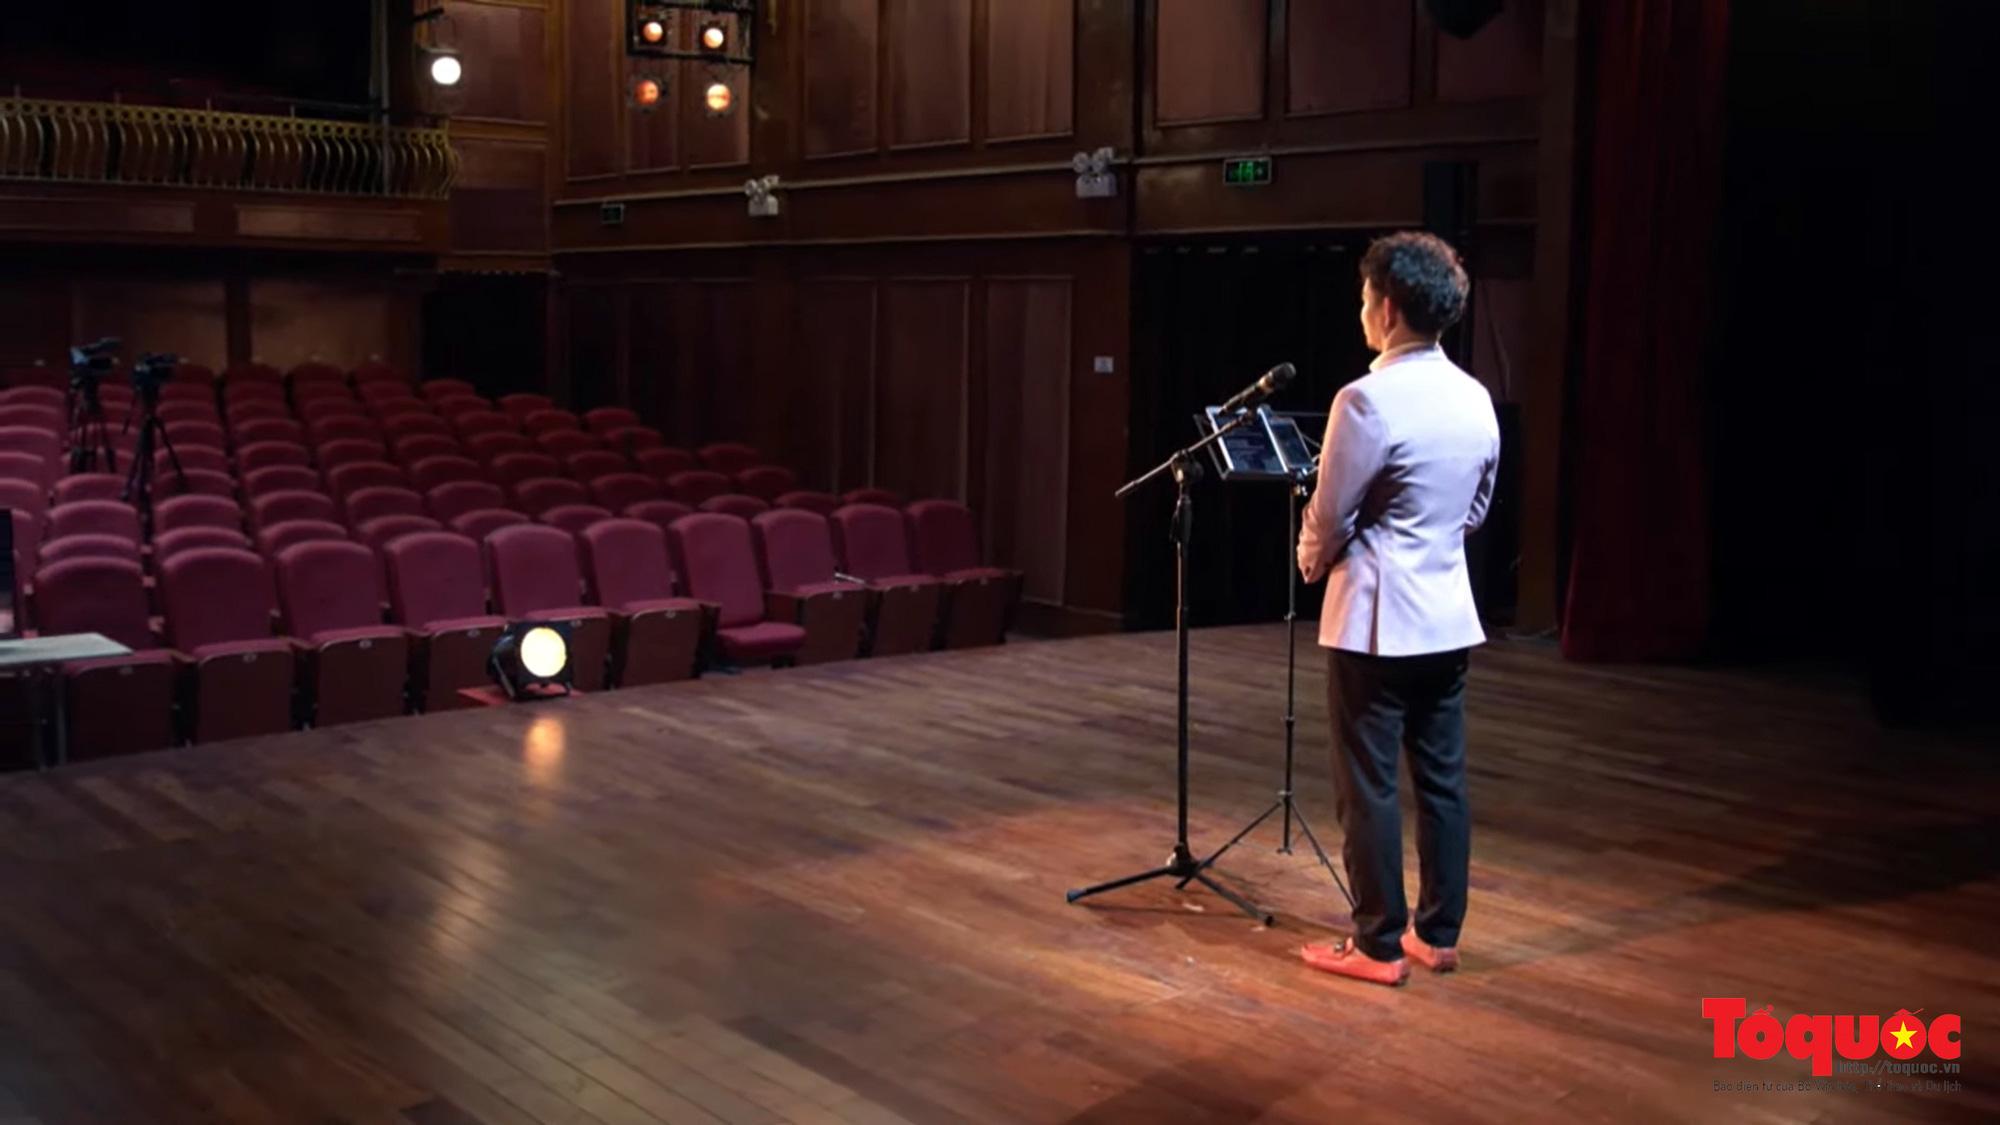 Chương trình nghệ thuật đặc biệt không khán giả được livestream giữa mùa dịch tại 5 điểm cầu Hà Nội - Ảnh 3.